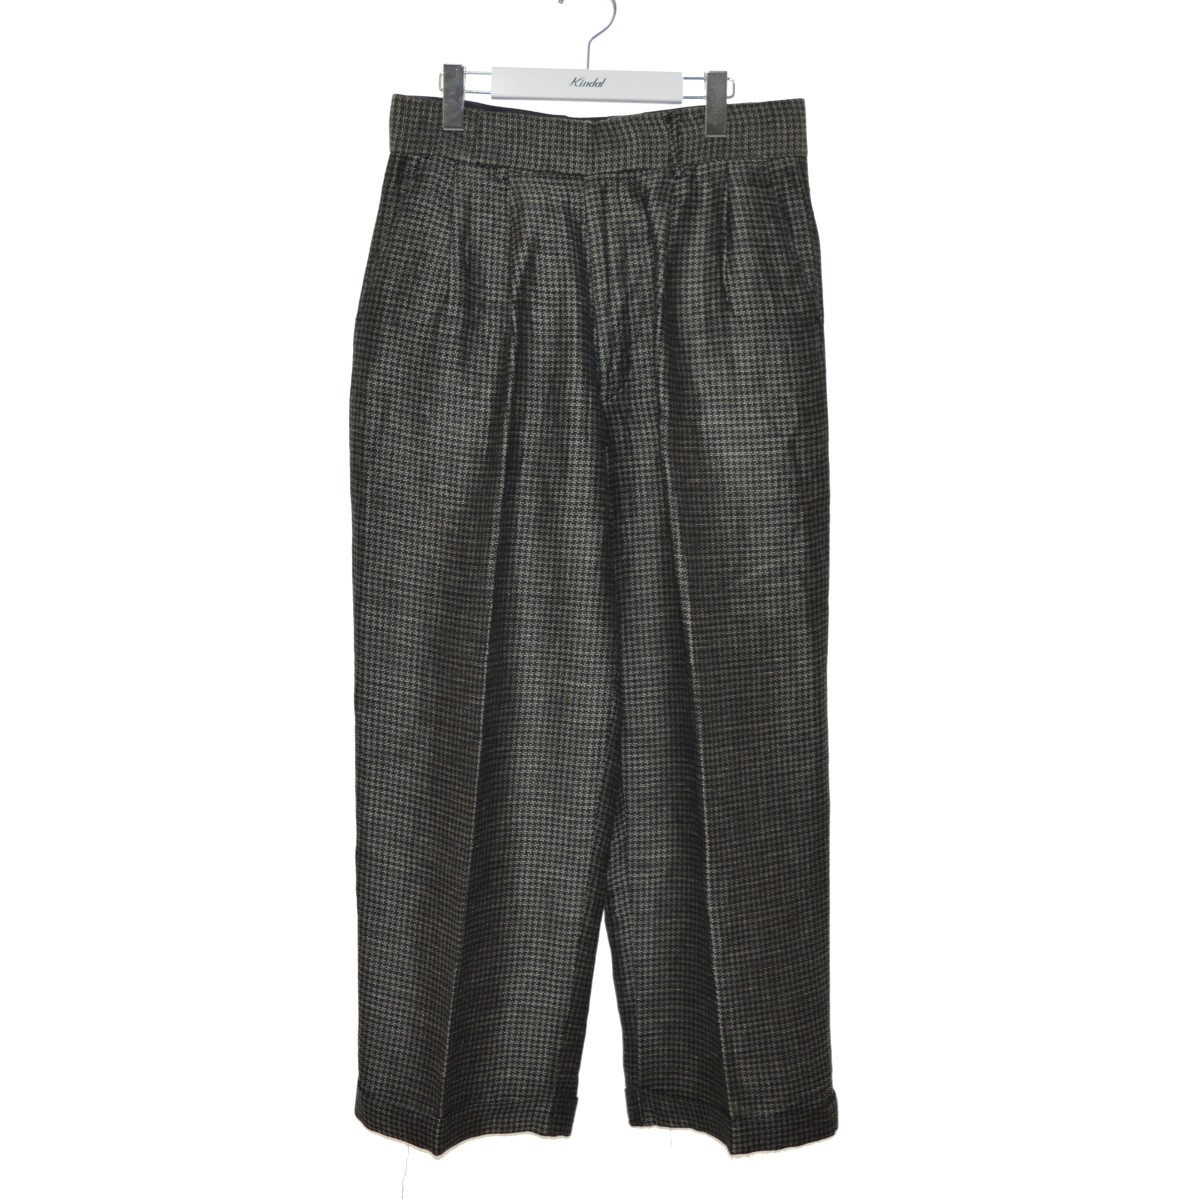 【中古】LITTLEBIG 18SS Houndstooth 2-Tuck Trousers スラックス グレー サイズ:2 【270620】(リトルビッグ)